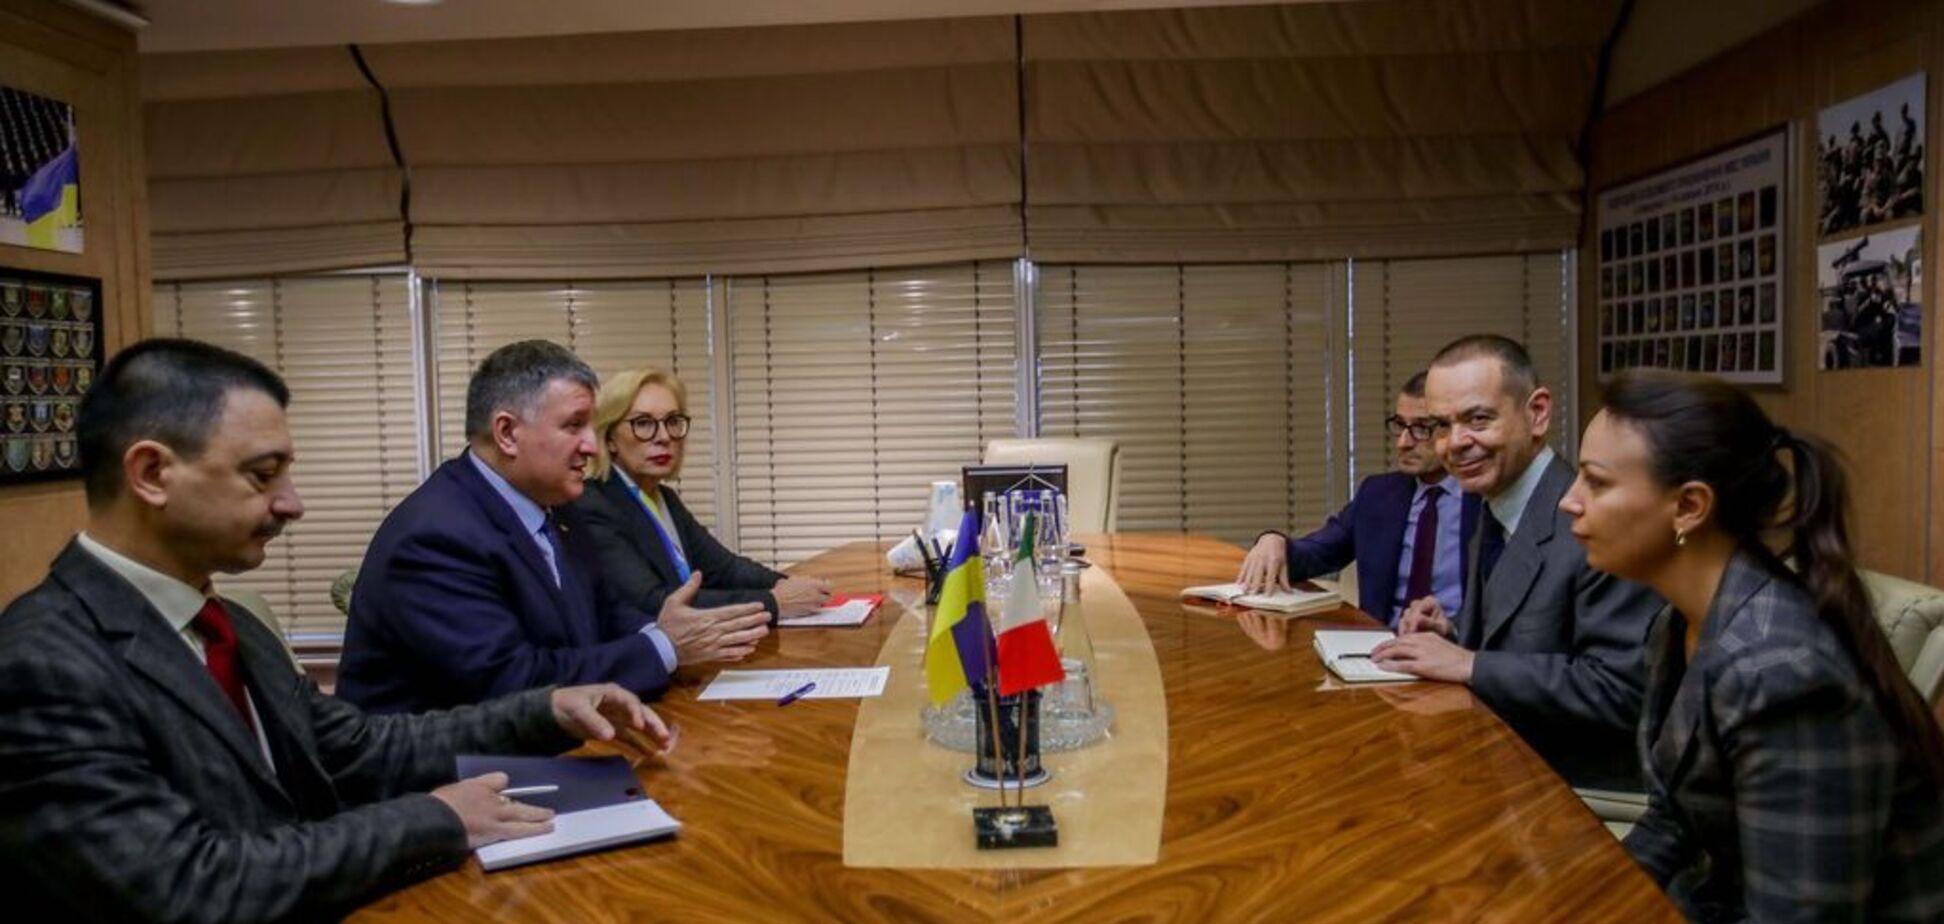 Ближче до істини: Аваков заявив про прогрес у справі нацгвардійця Марківа